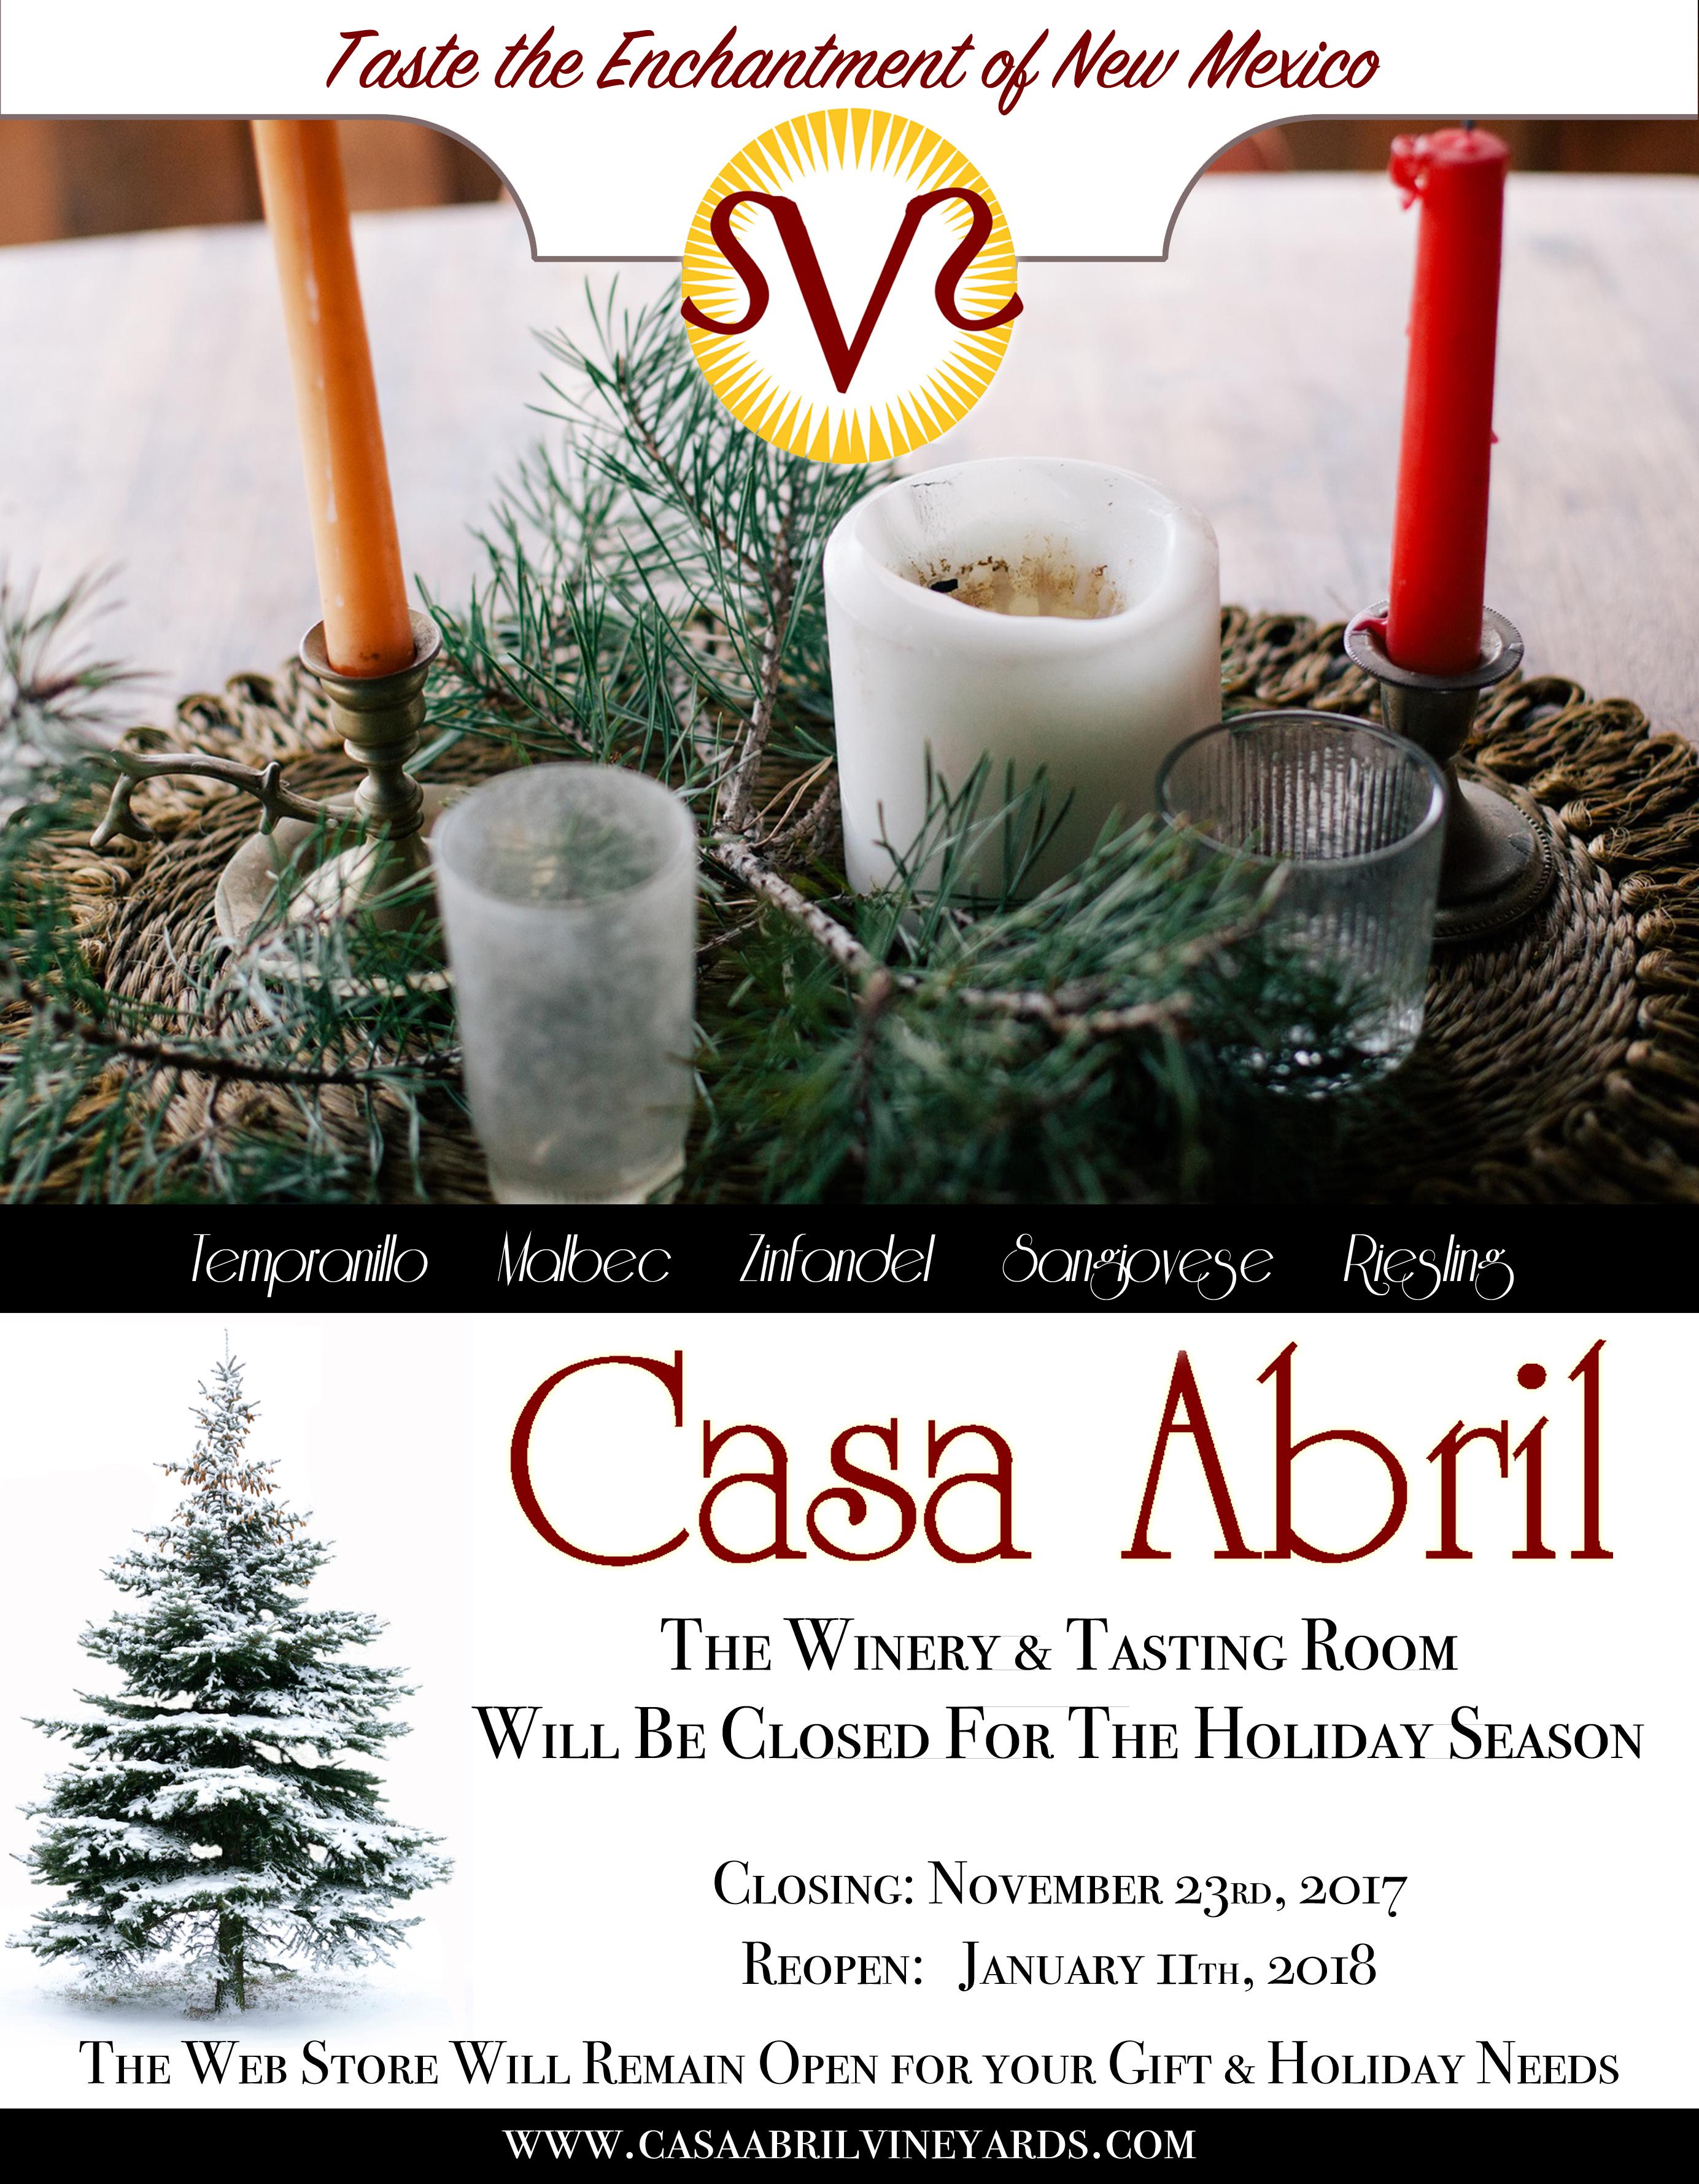 Holiday Closing November 23rd through January 11th